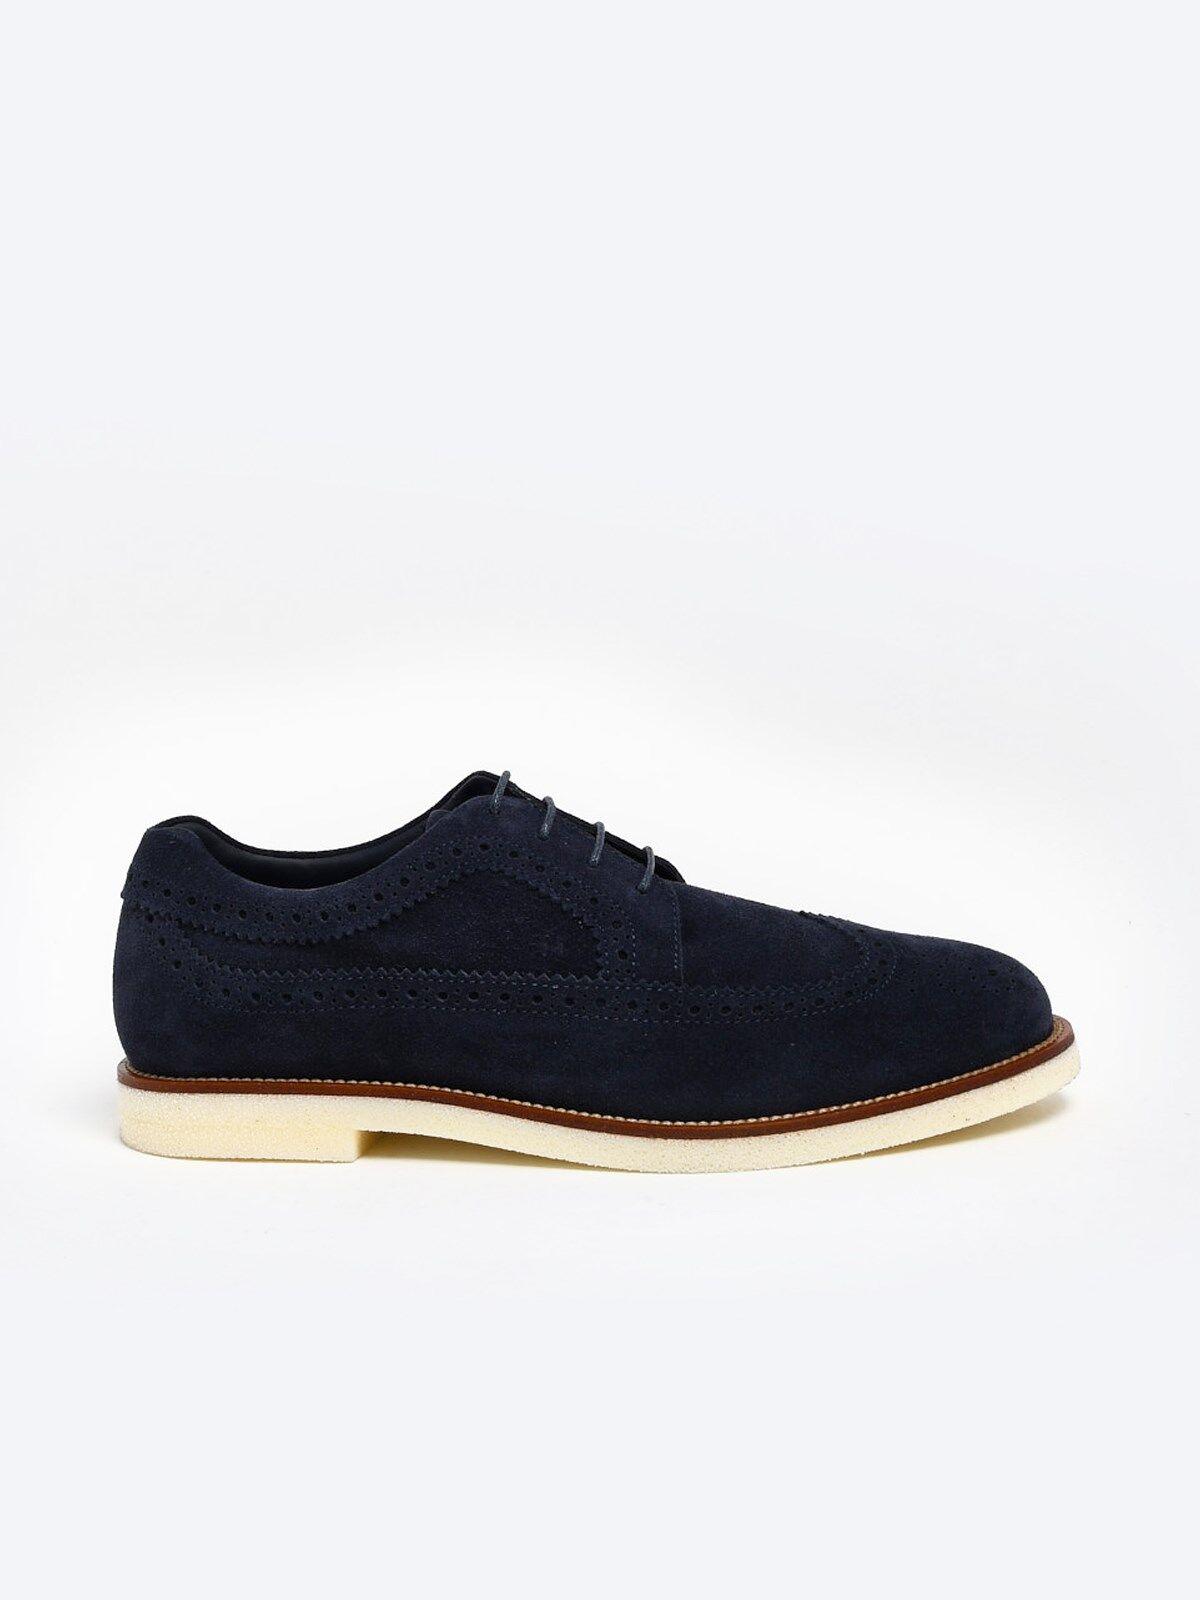 HOGAN Blue Shoes (size: UK 9)